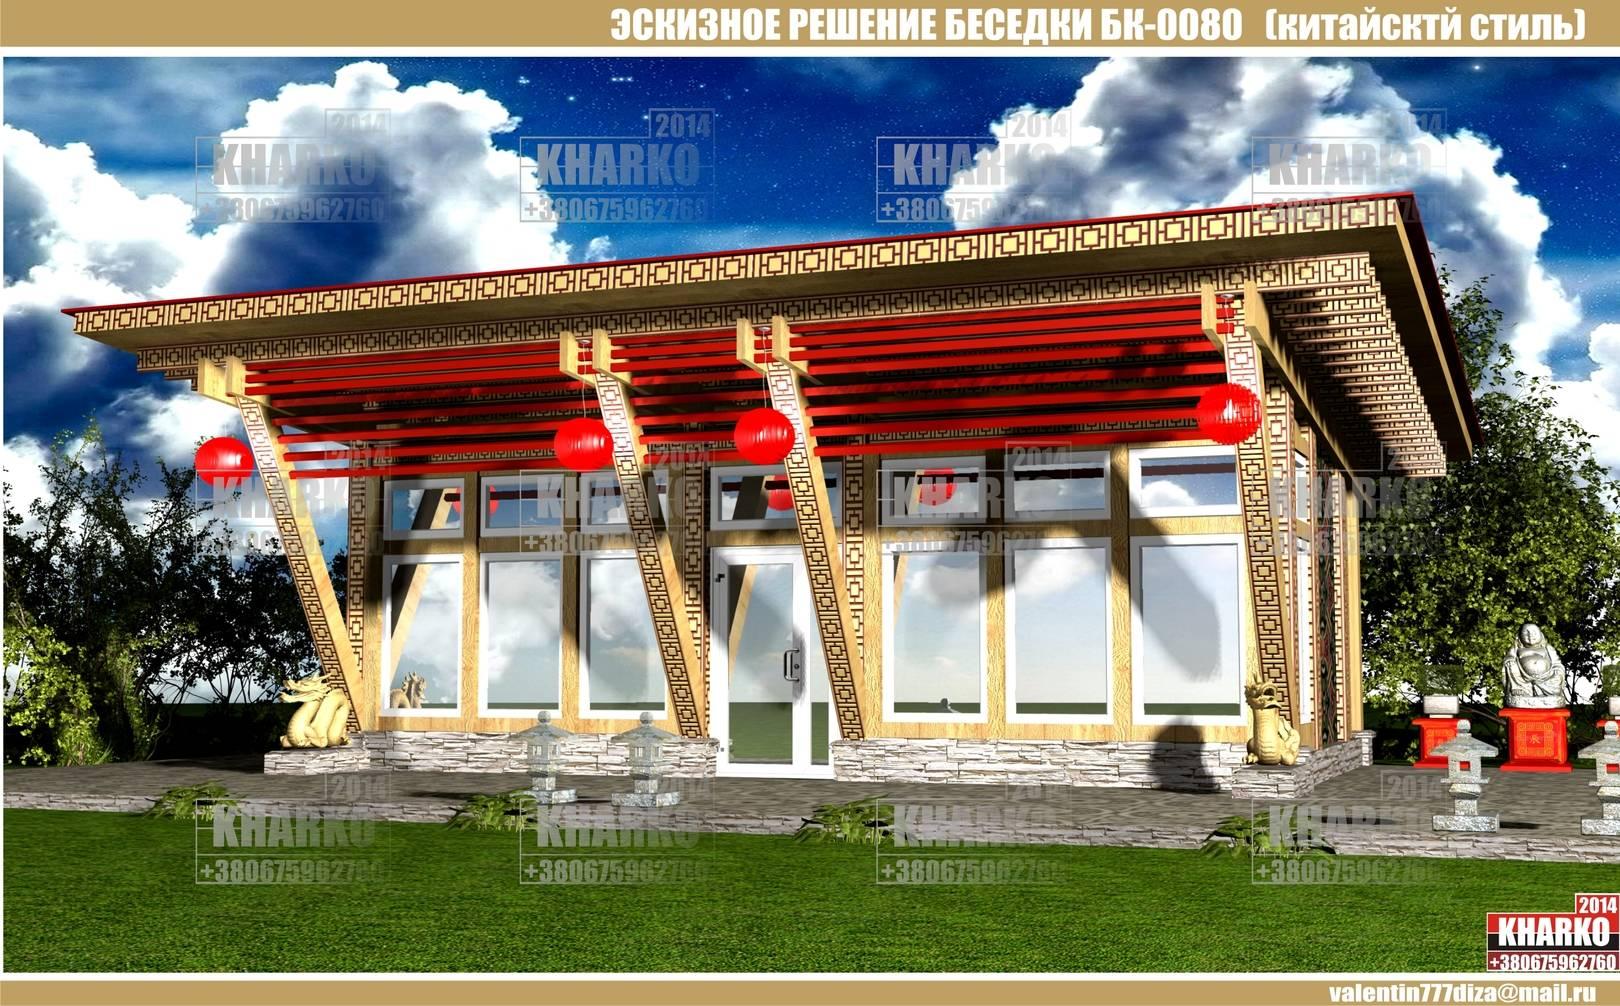 проект беседки БК-0080 (китайский стиль), project pergola, gazebo, shed  общая площадь беседки-57,7м. кв. эксплуатируемая площадь беседки- 53,2 м.кв. габаритные размеры -5,6 м. на 10,3 м. тип фундамента-монолитный ж/б материал наружной стены и бетон, кирпич, дерево  тип кровли-мягкая кровля Наружная отделка цоколя -декоративный камень Стоимость проекта- 2500 грн.